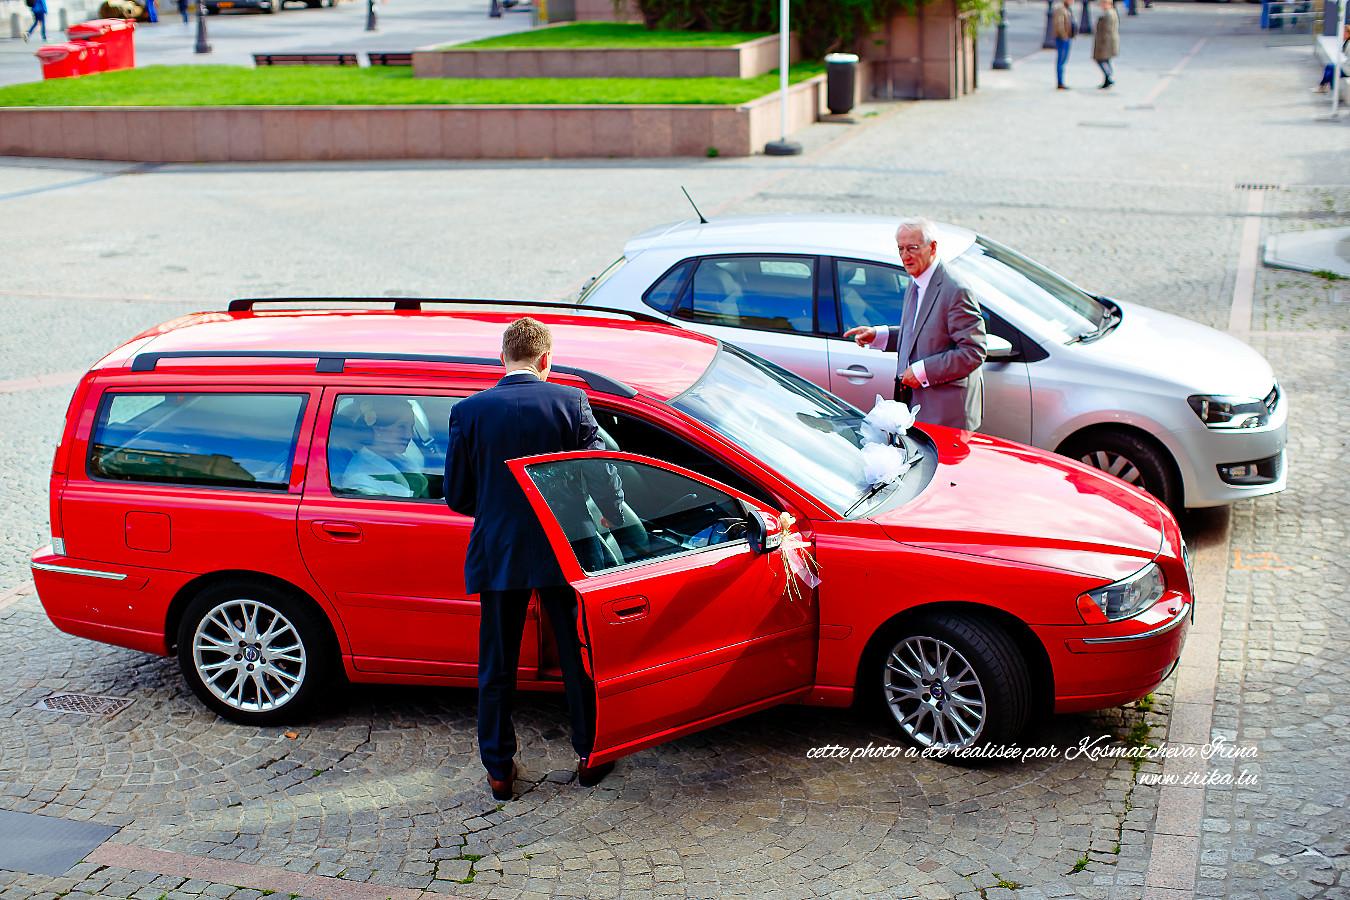 Deux voitures sur le parking